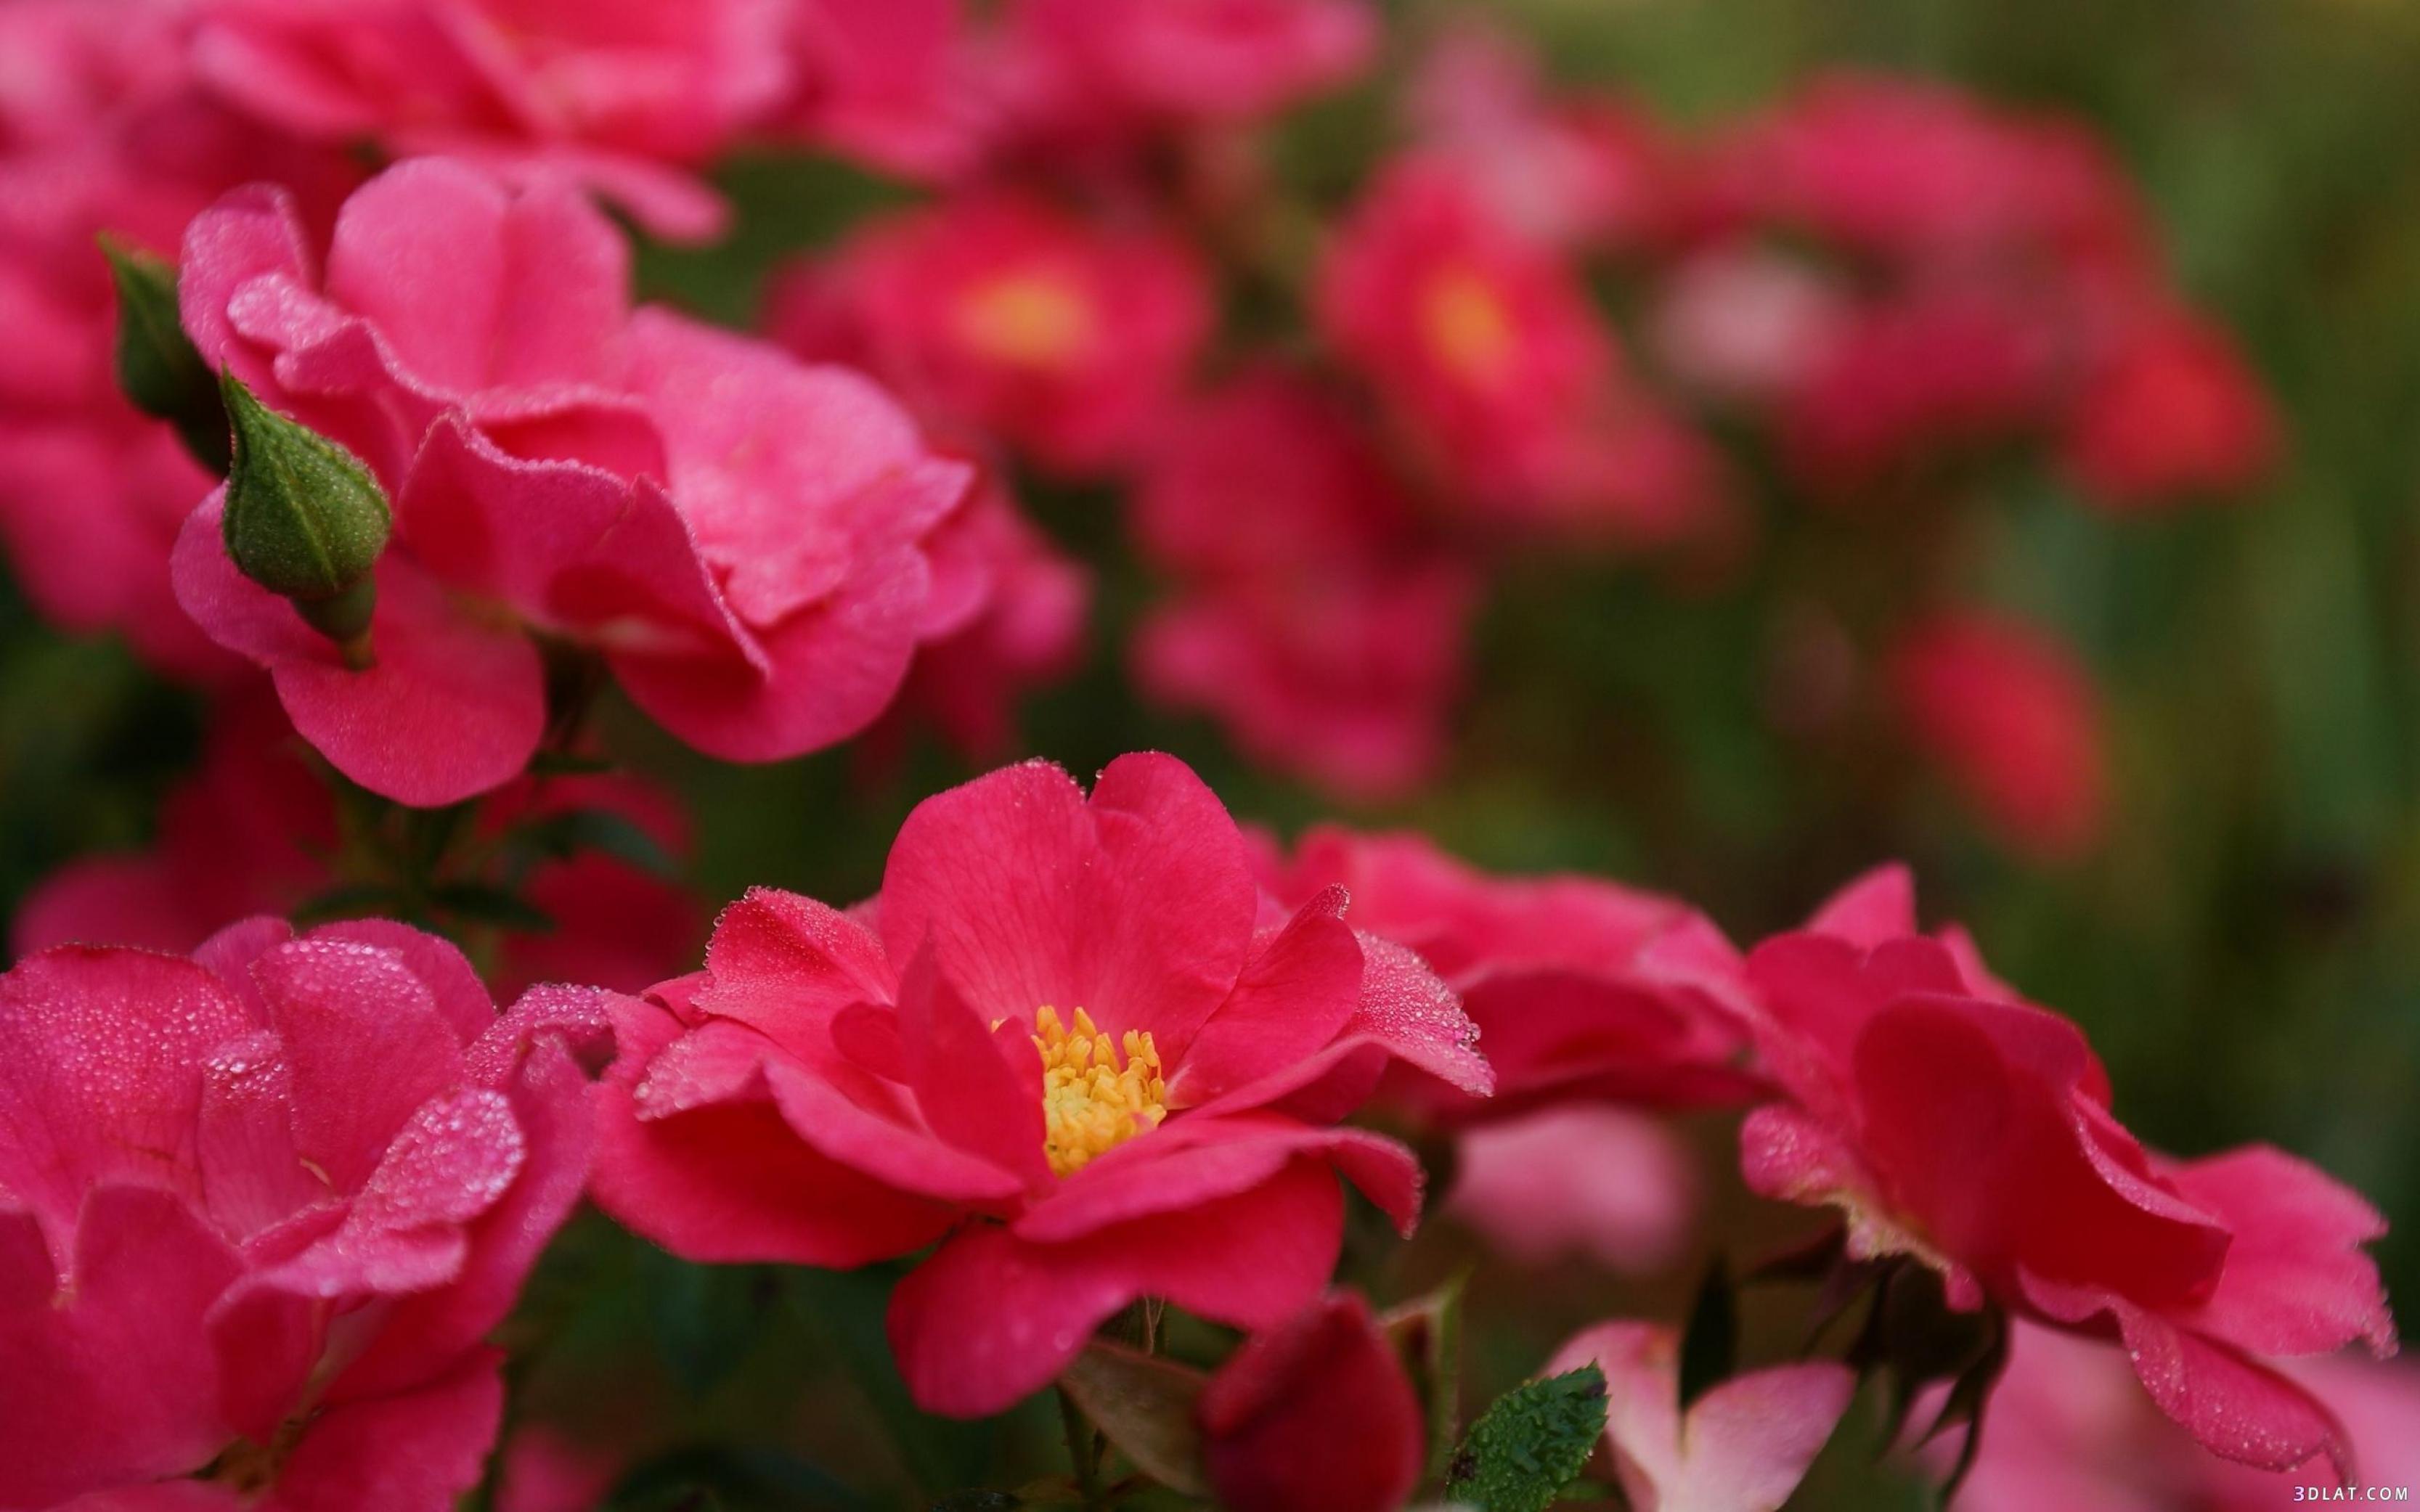 بالصور خلفية ورود وصو زهور جميلة 20160725 53